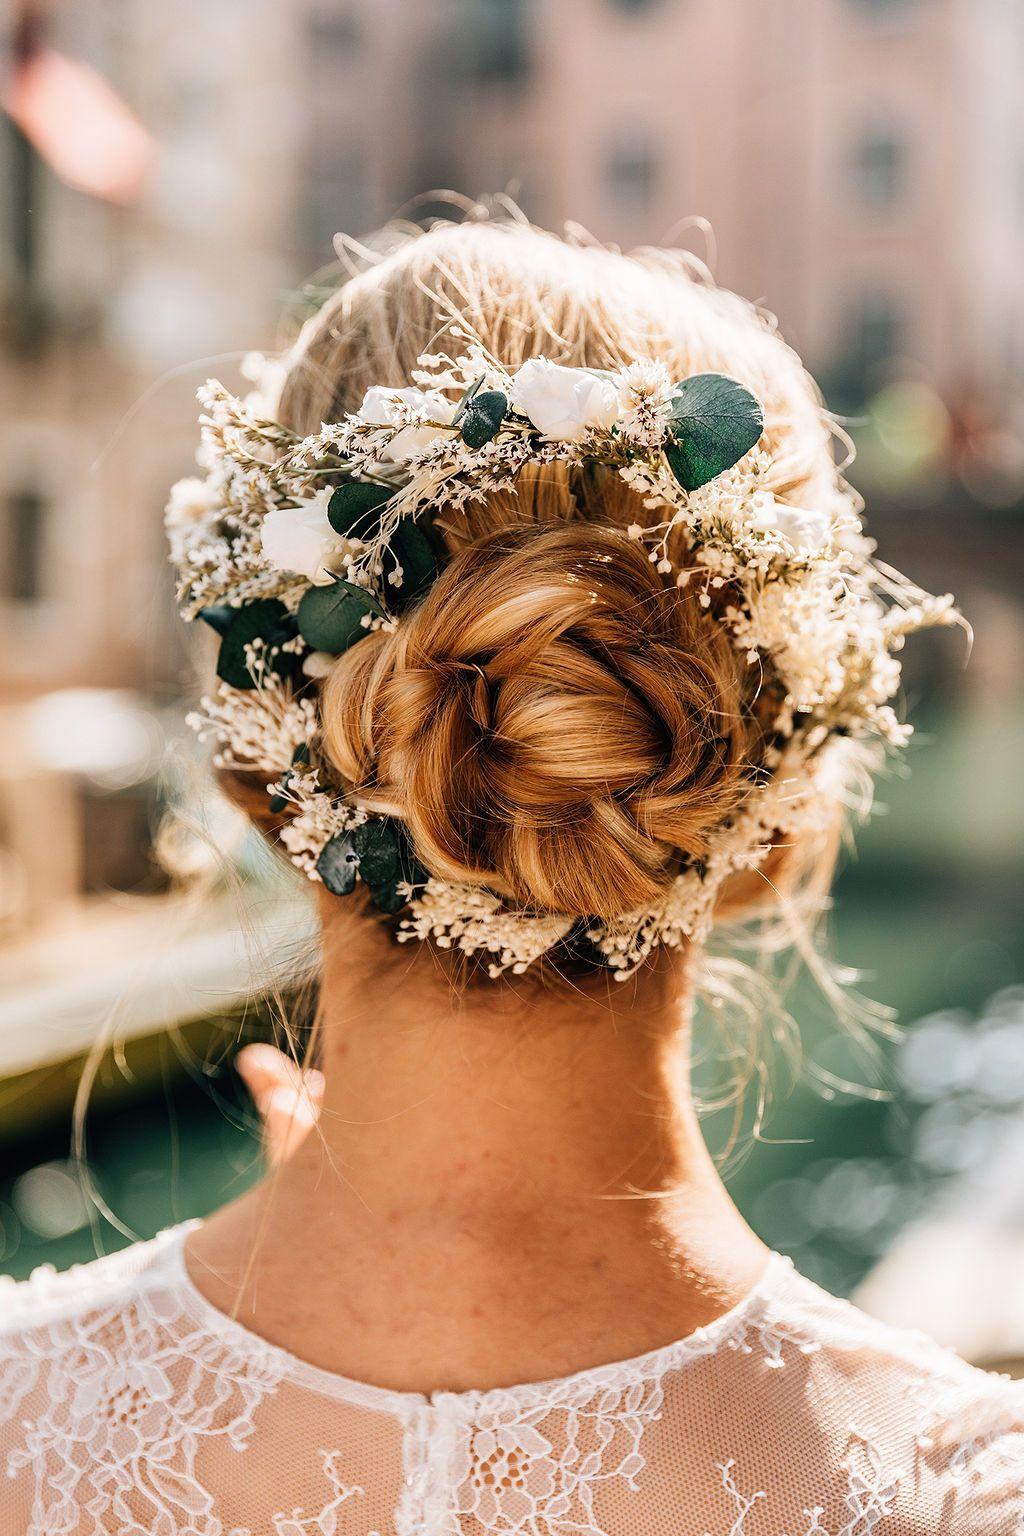 Inspiration Coiffure Avec Notre Couronne Ornella Couronnedefleurs Flowercrown Corona Accessoire Cheveux Mariage Coiffure De Mariage Chignon Coiffure Mariage